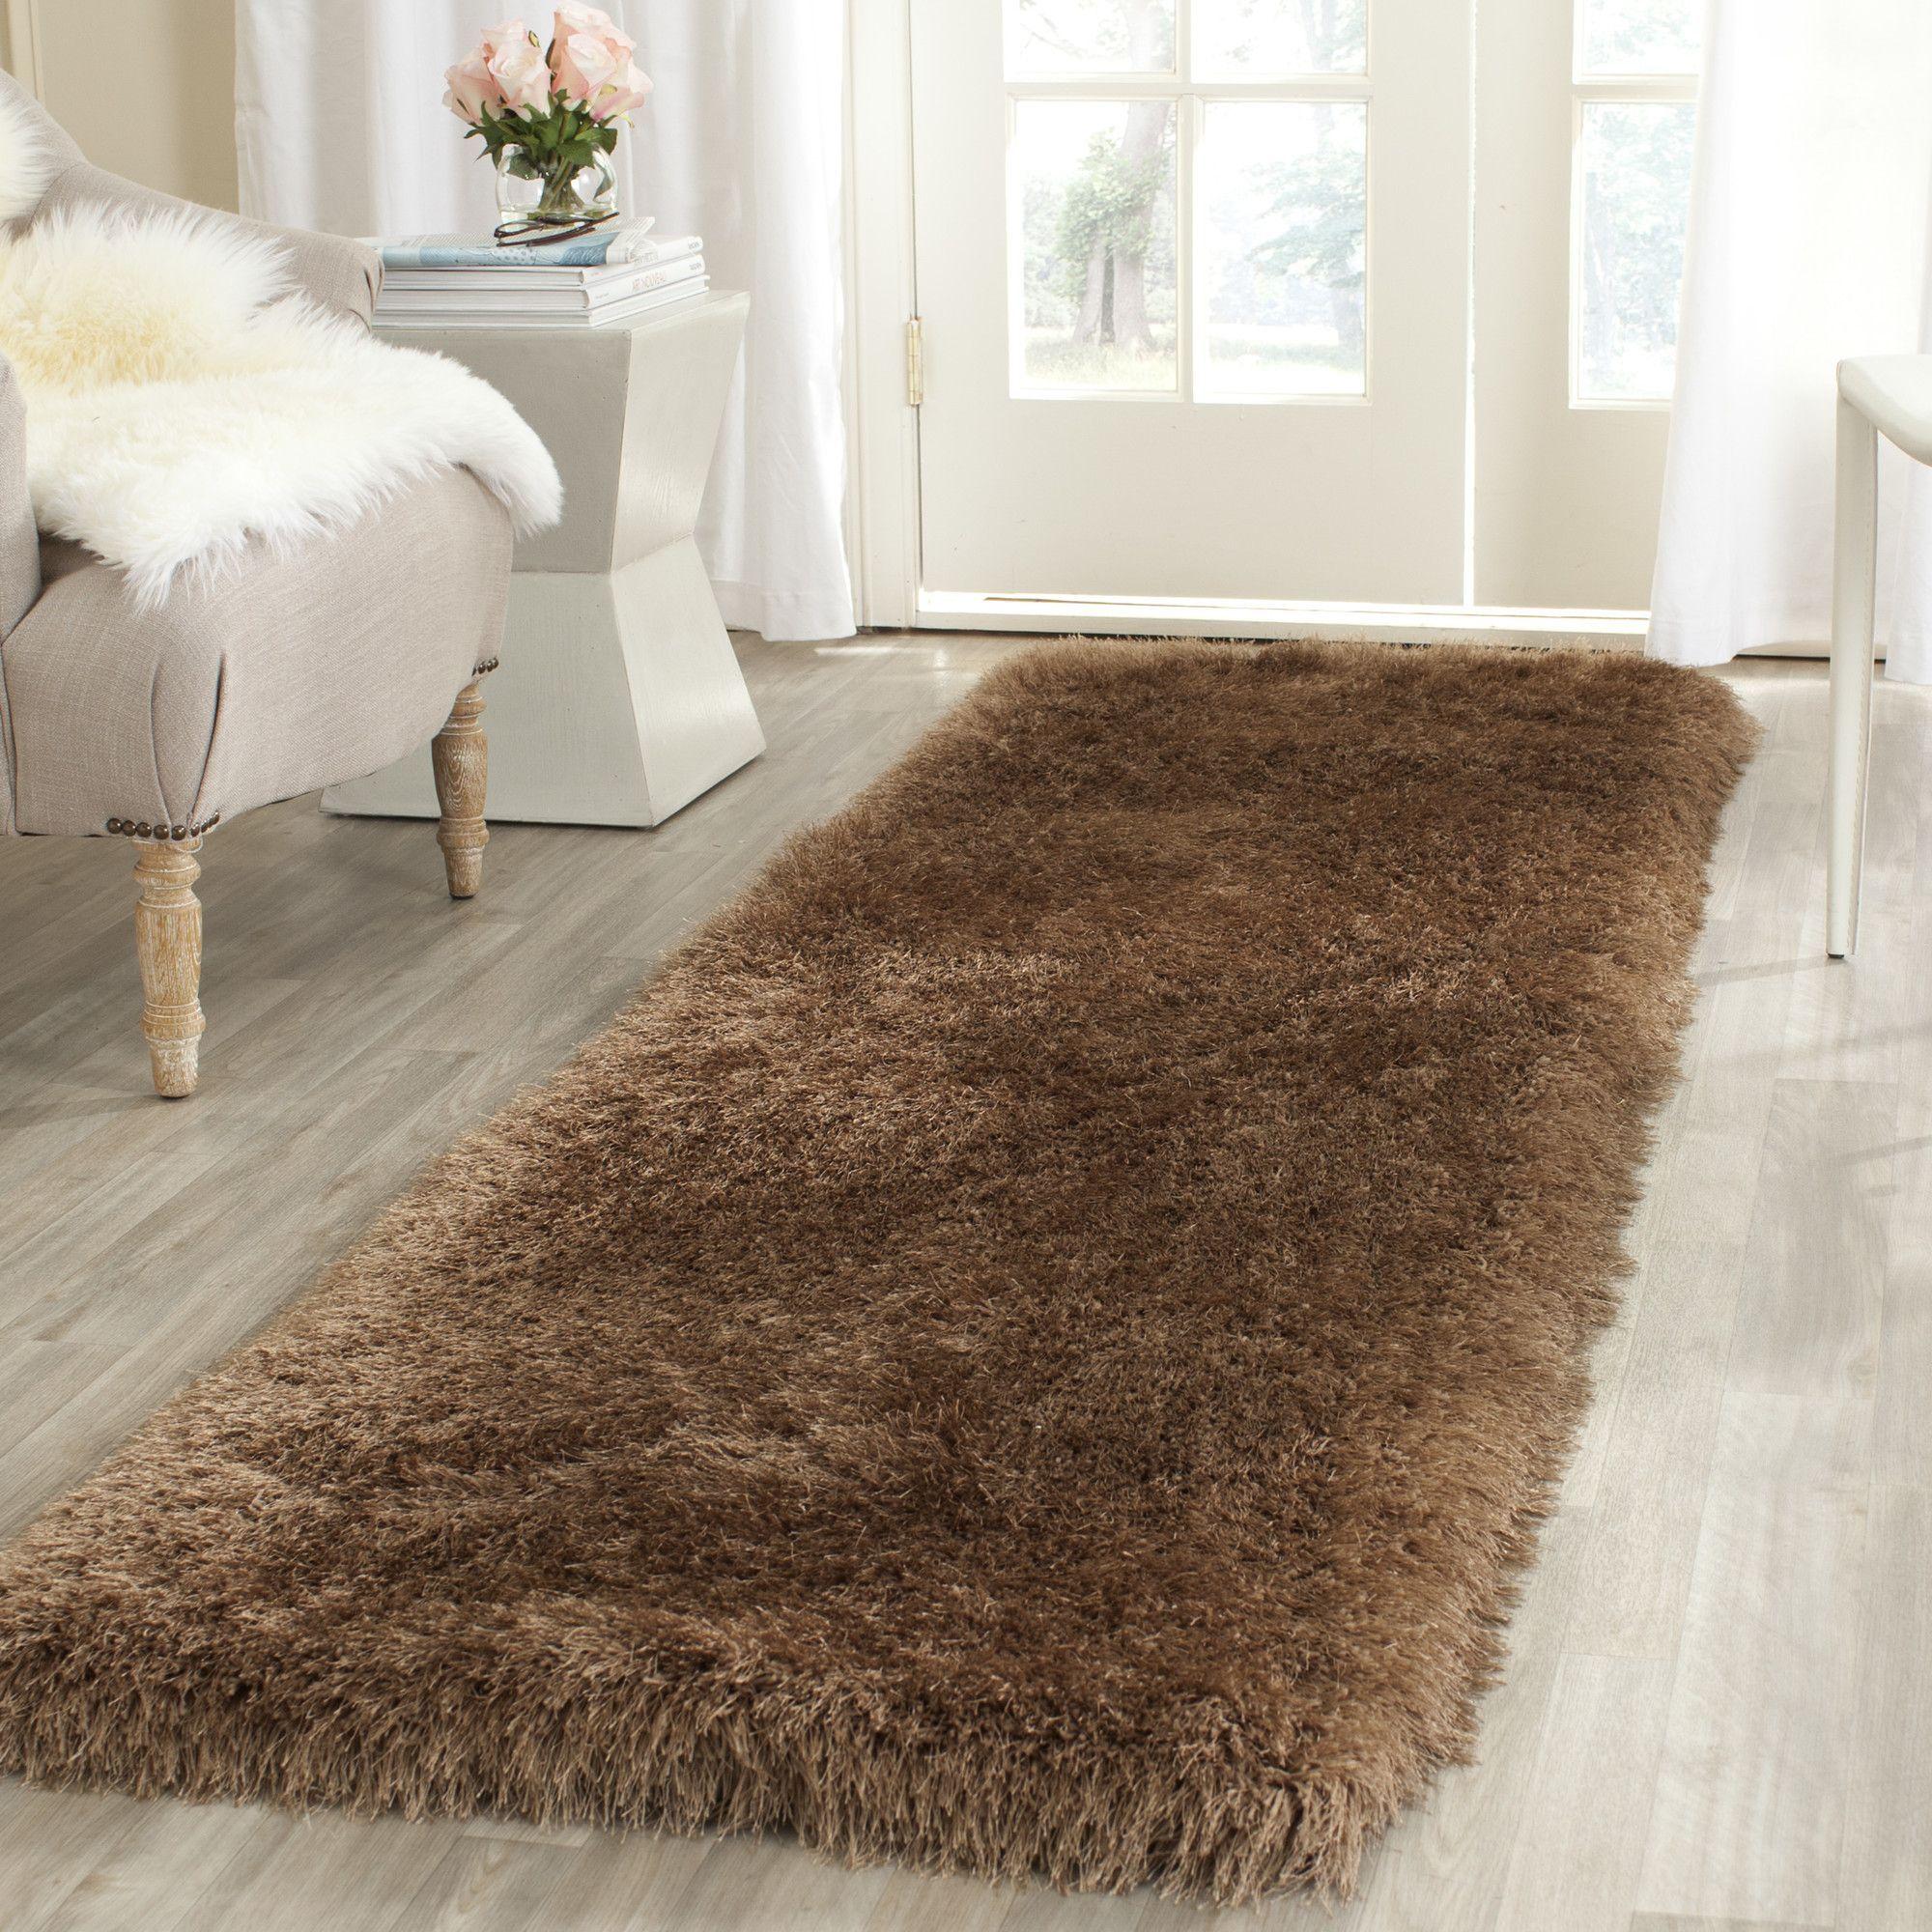 thom filicia shag taupe rug